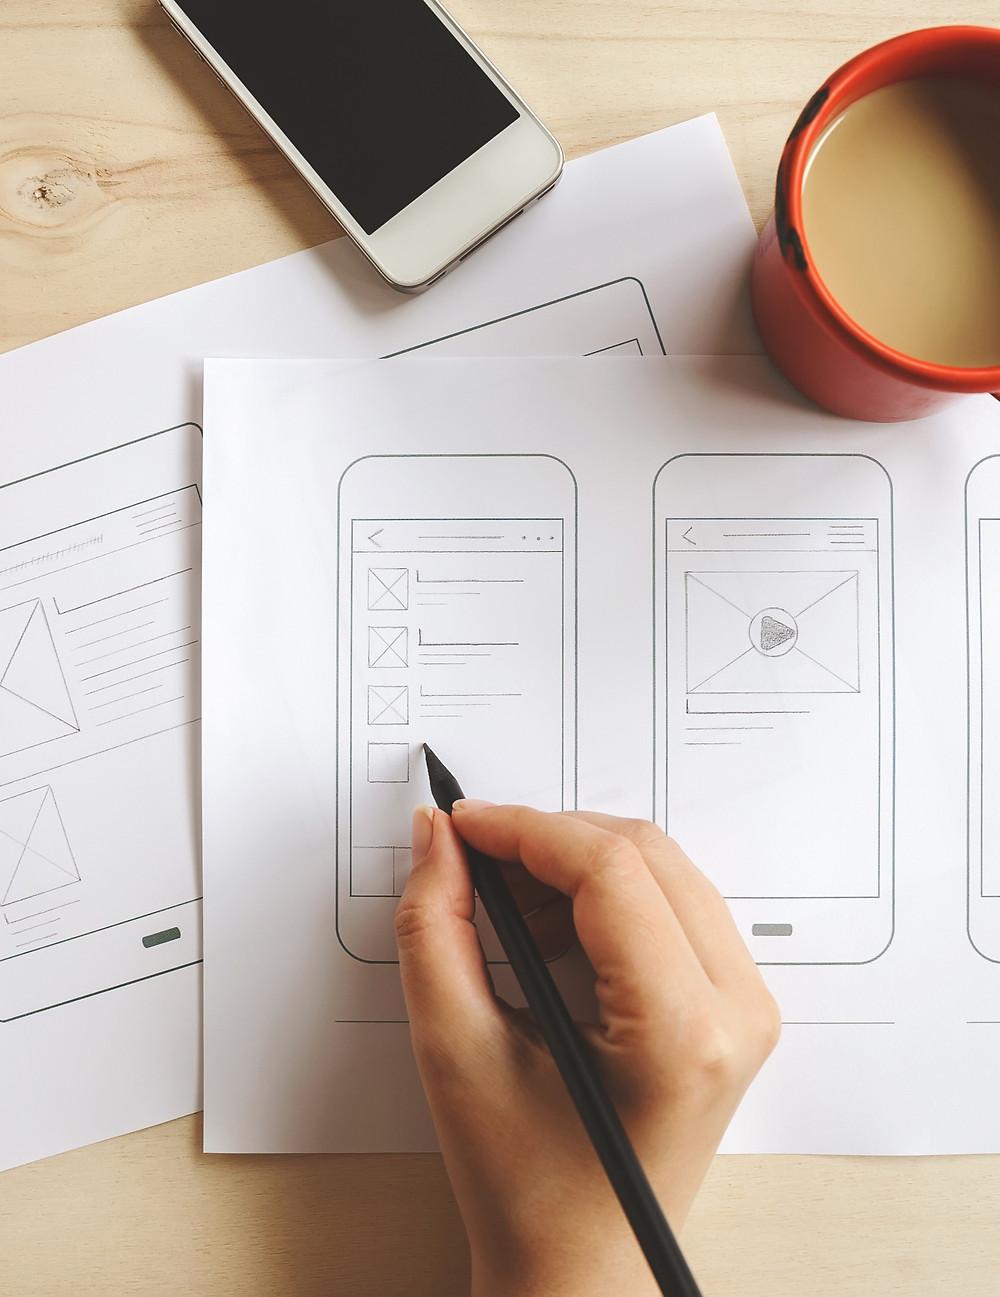 prancheta de estudo de user experience ux design